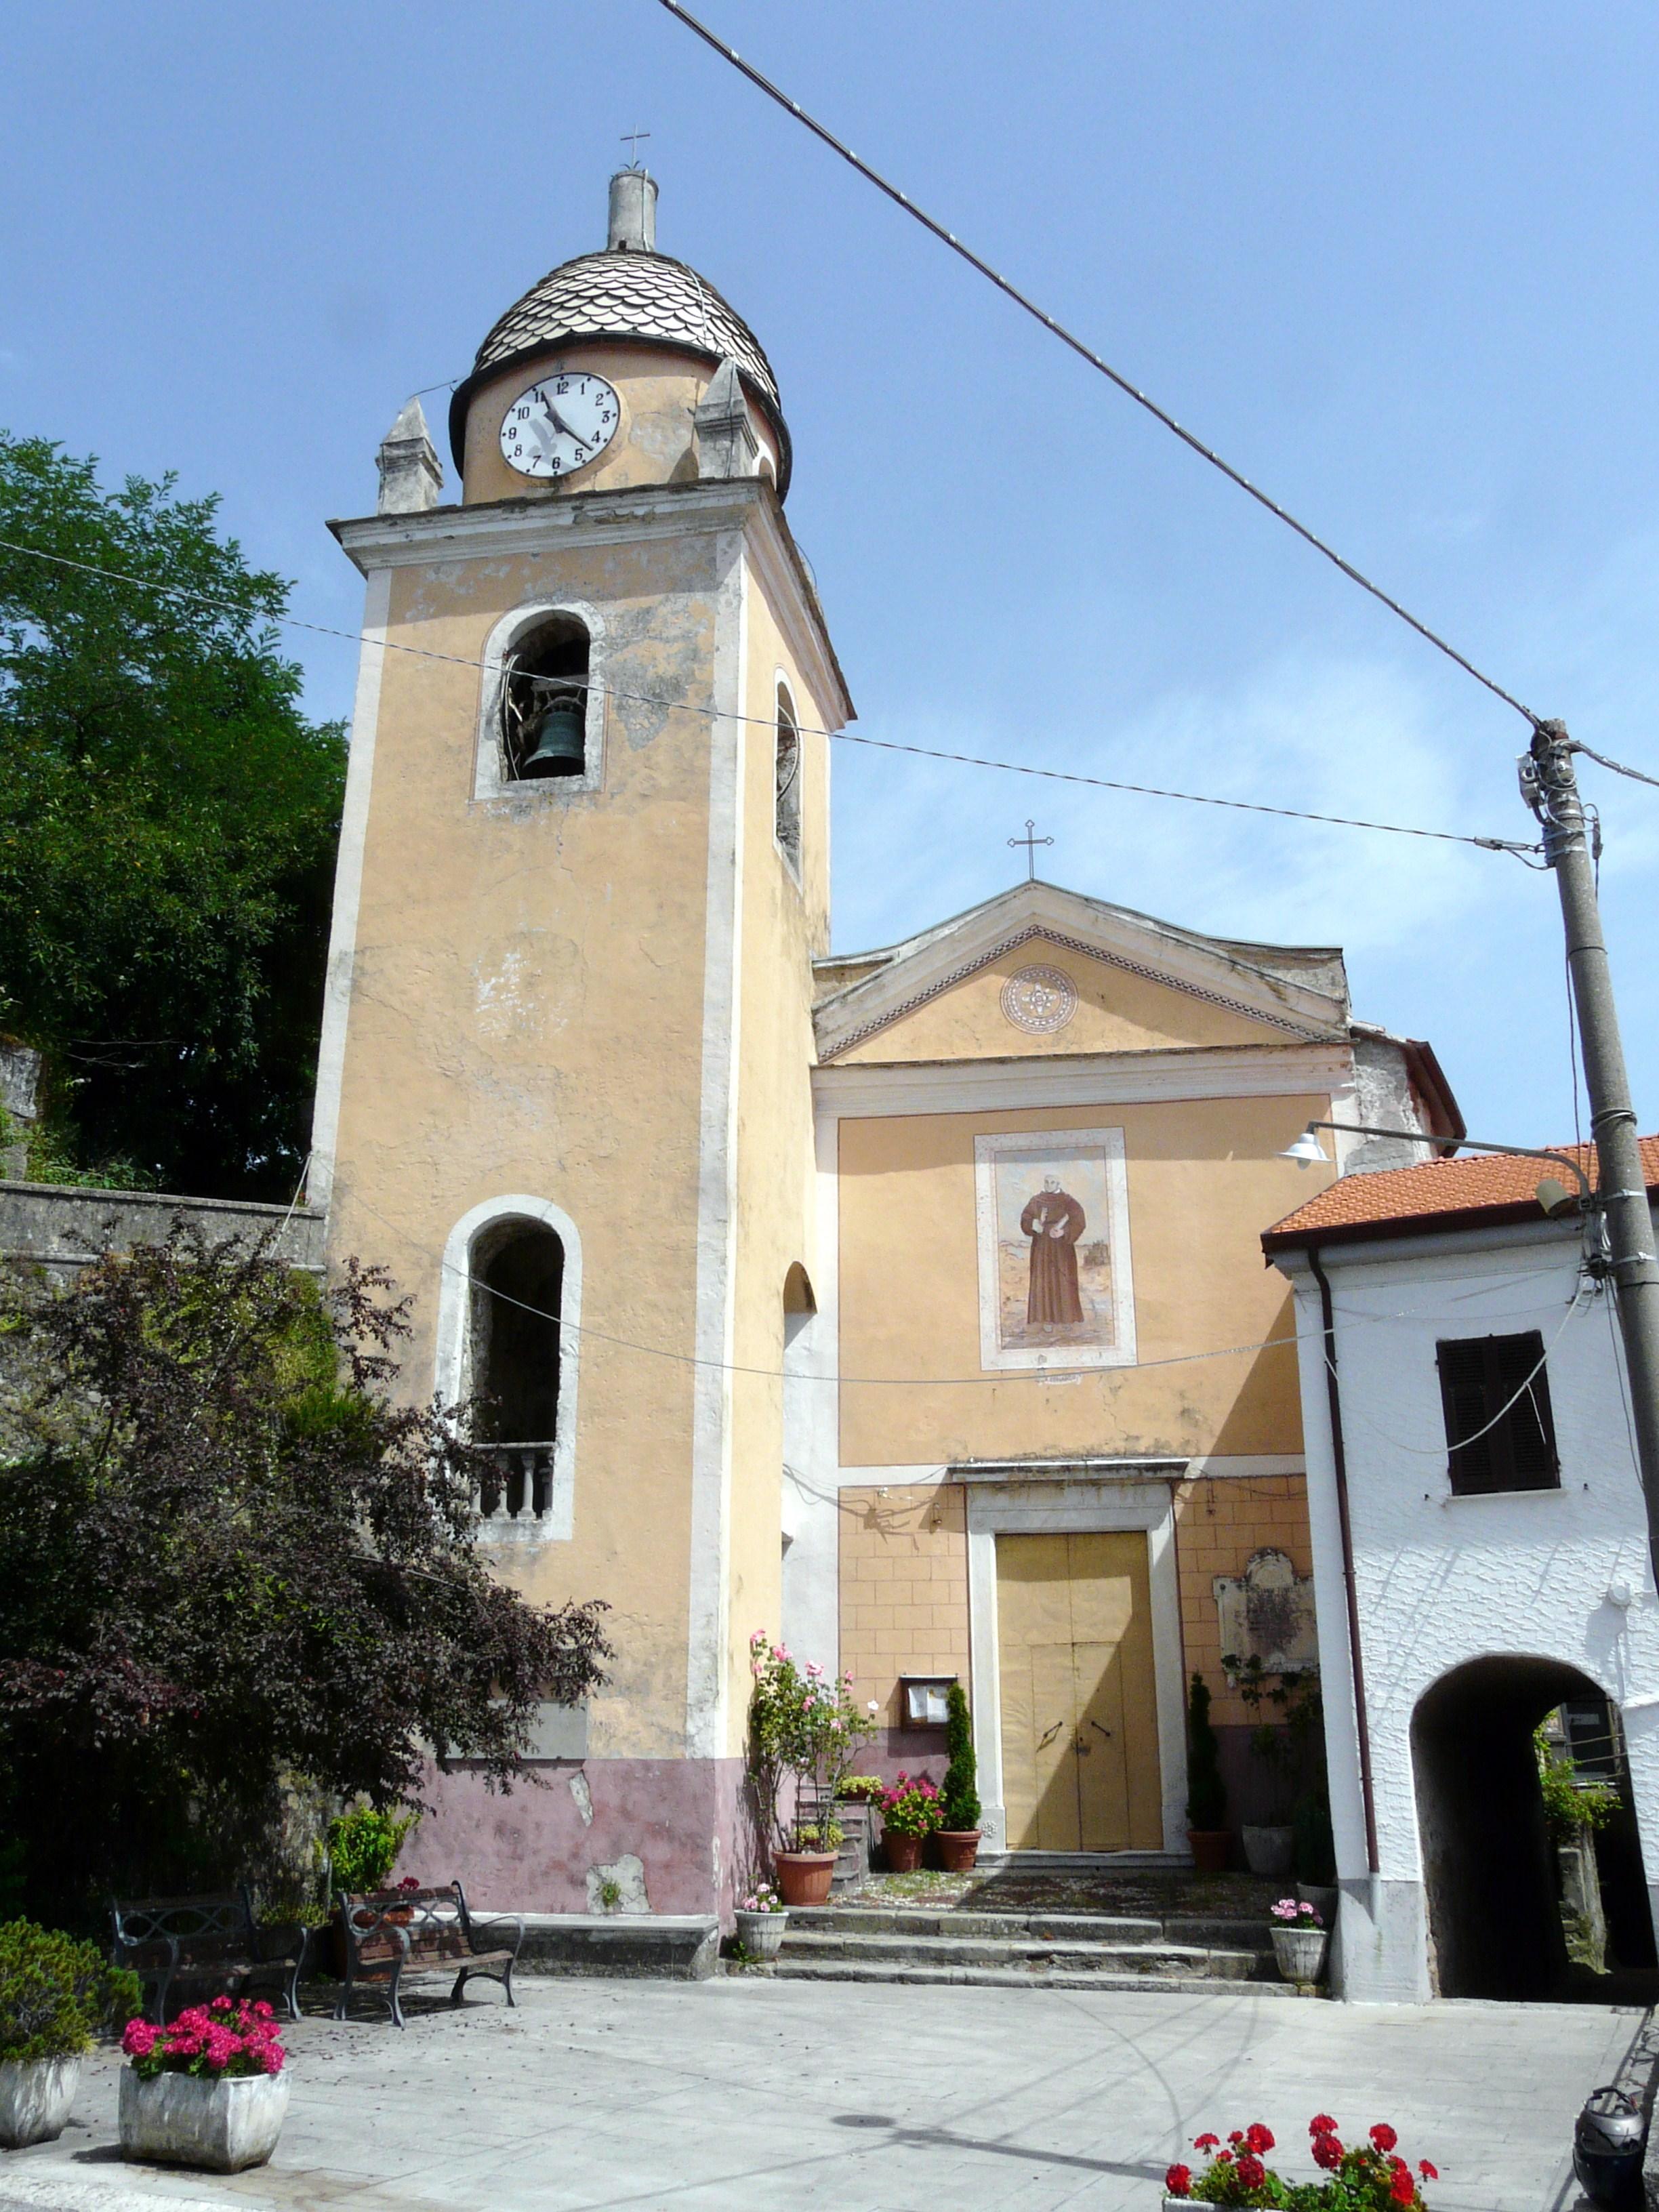 Descrizione Follo Alto (Follo)-chiesa san leonardo2.jpg